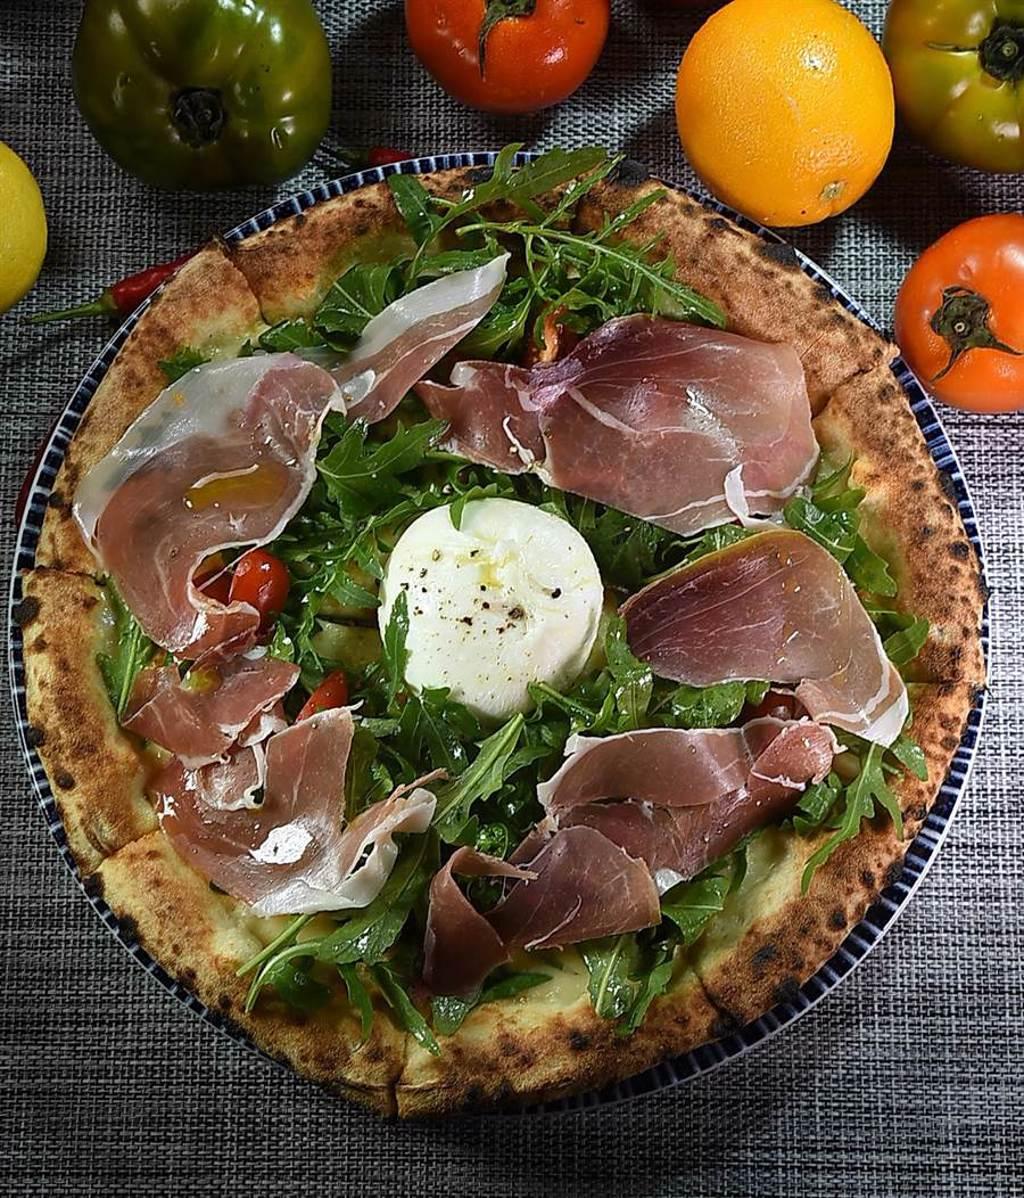 〈義舍招牌披薩〉的主要配料有帕瑪生腿、芝麻葉、熟成起司,中間則是一整球的布拉塔起司。(圖/姚舜)